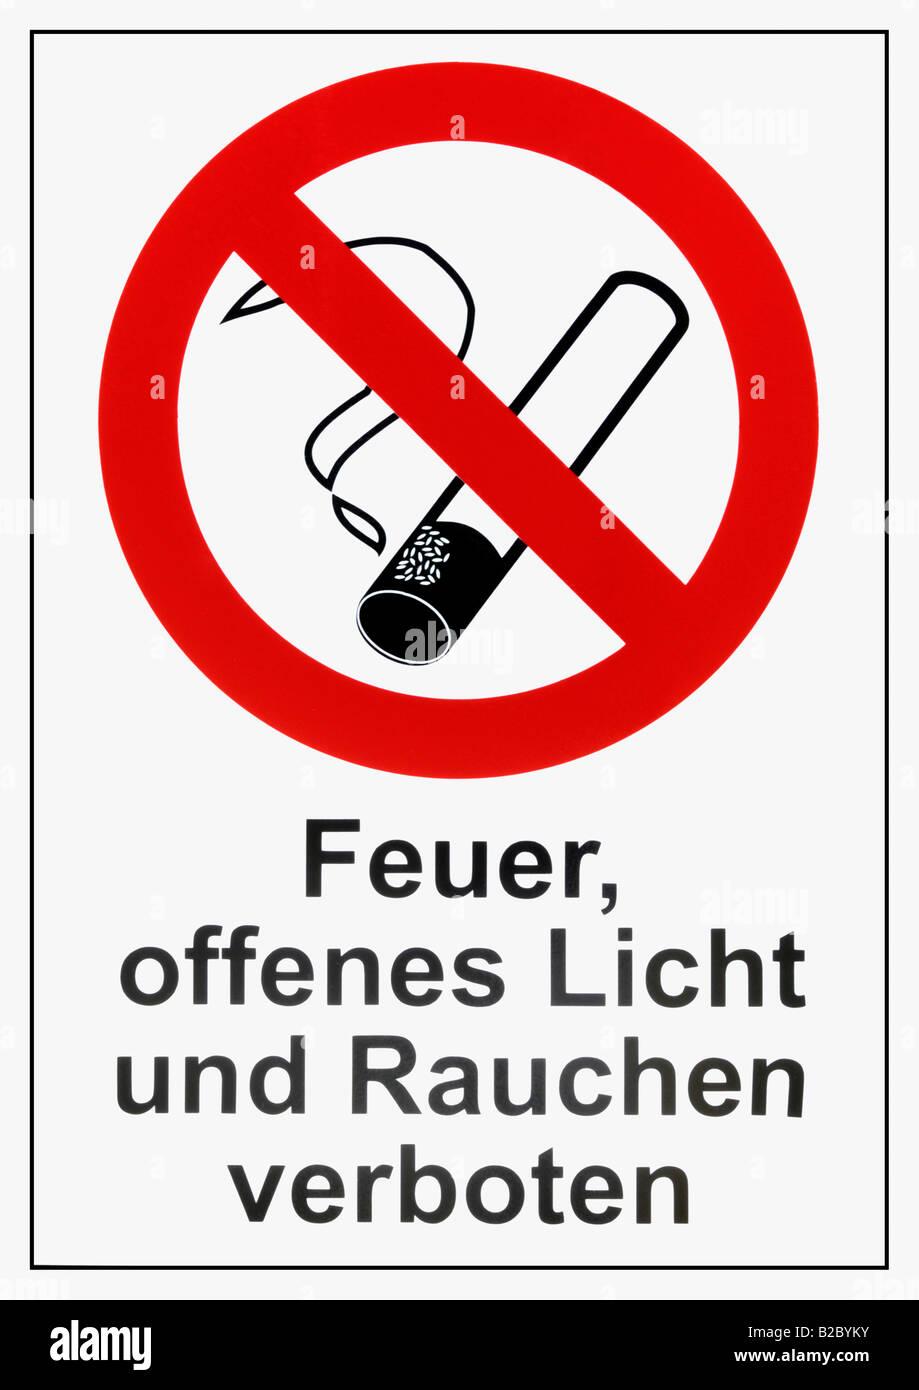 Istruzioni di lettura di segno Feuer, offenes Licht und Rauchen verboten, fuoco, accendini e vietato fumare Immagini Stock